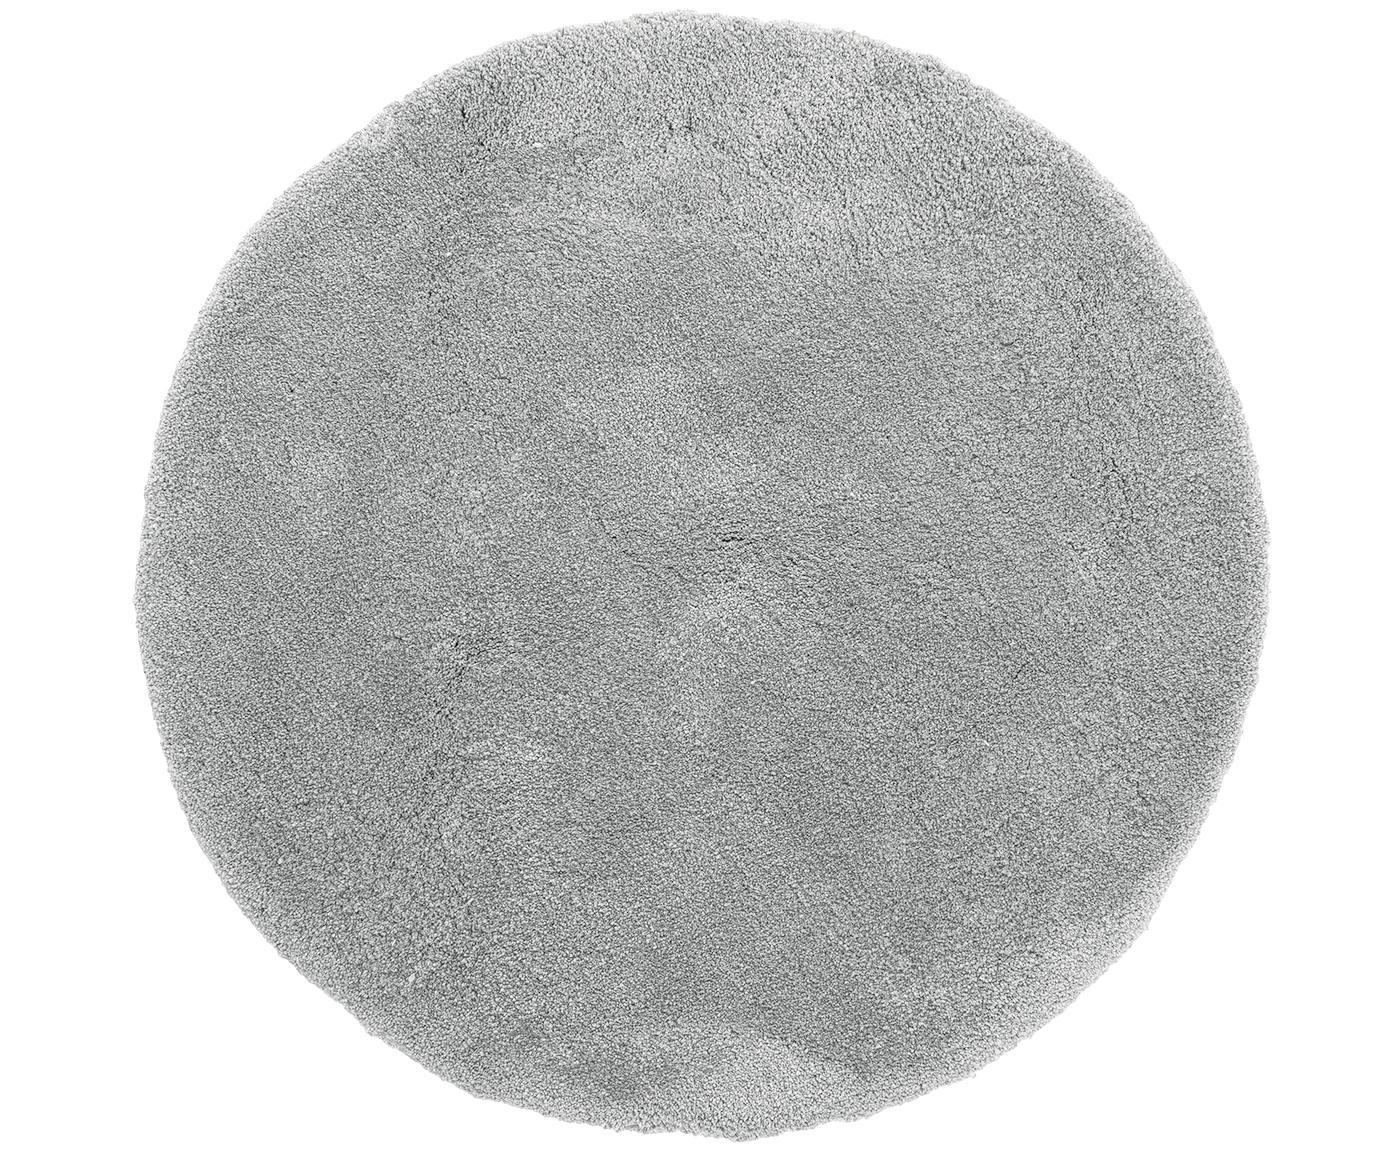 Flauschiger runder Hochflor-Teppich Leighton in Grau, Flor: 100% Polyester (Mikrofase, Grau, Ø 120 cm (Grösse S)